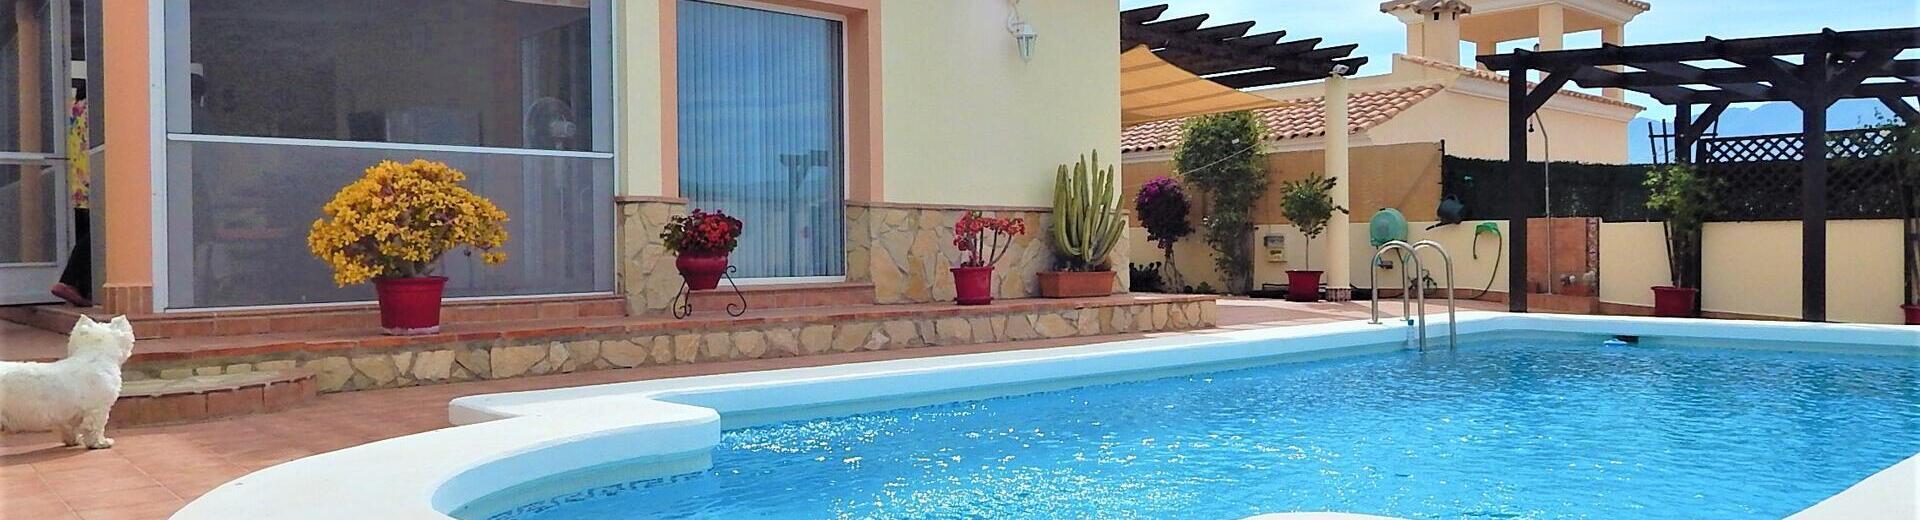 VIP7727 : Villa en Venta